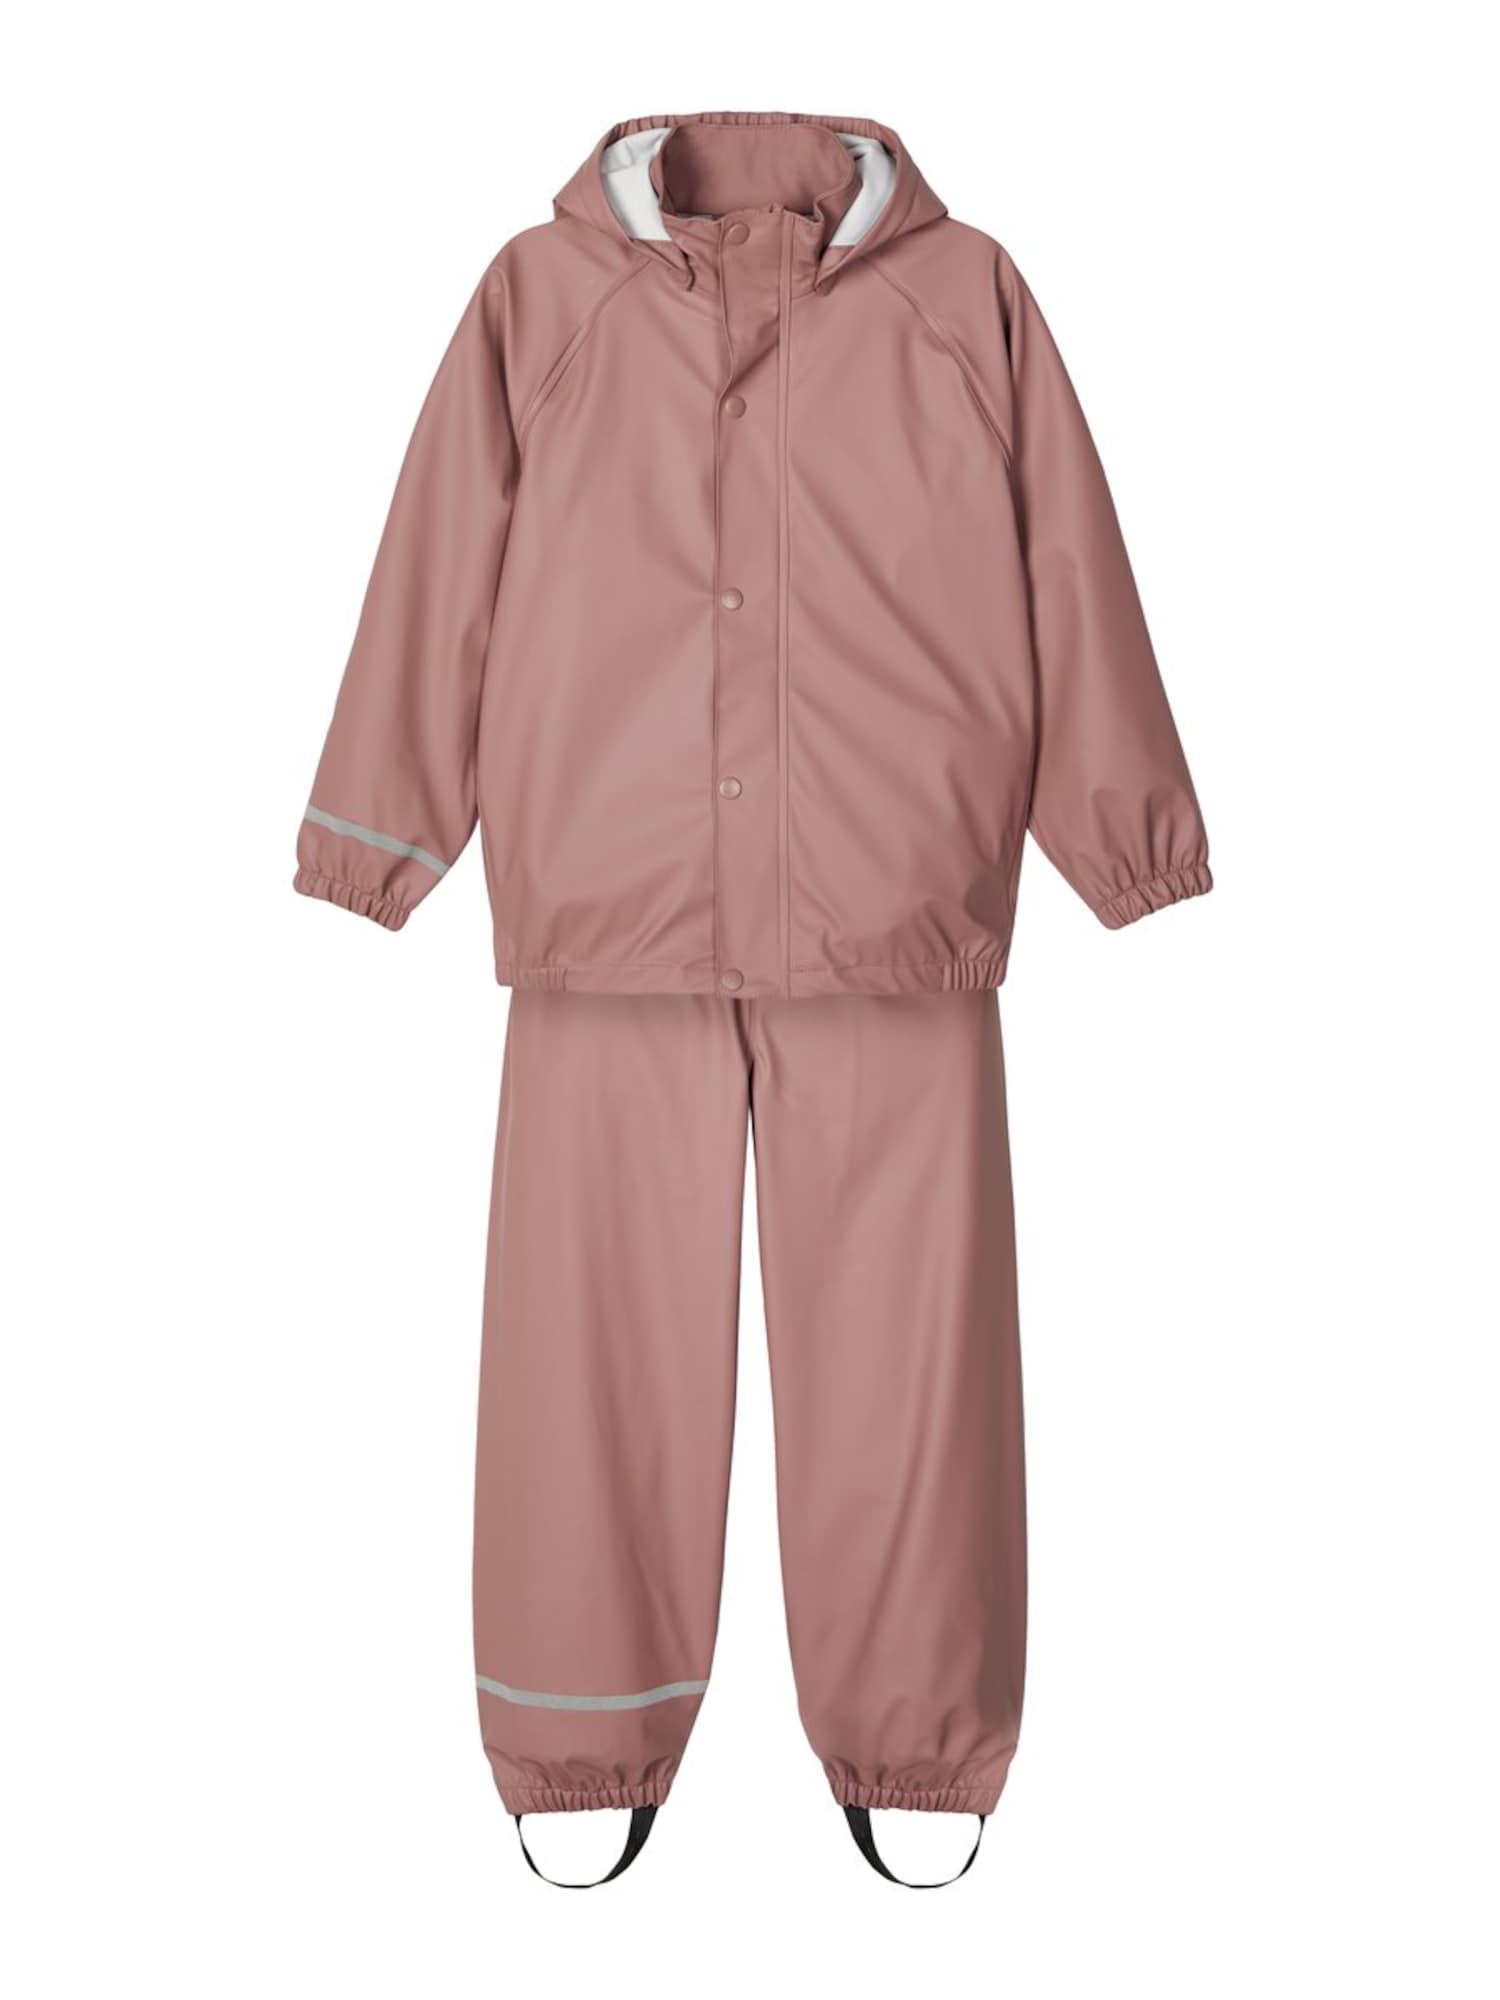 NAME IT Funkcinis kostiumas ryškiai rožinė spalva